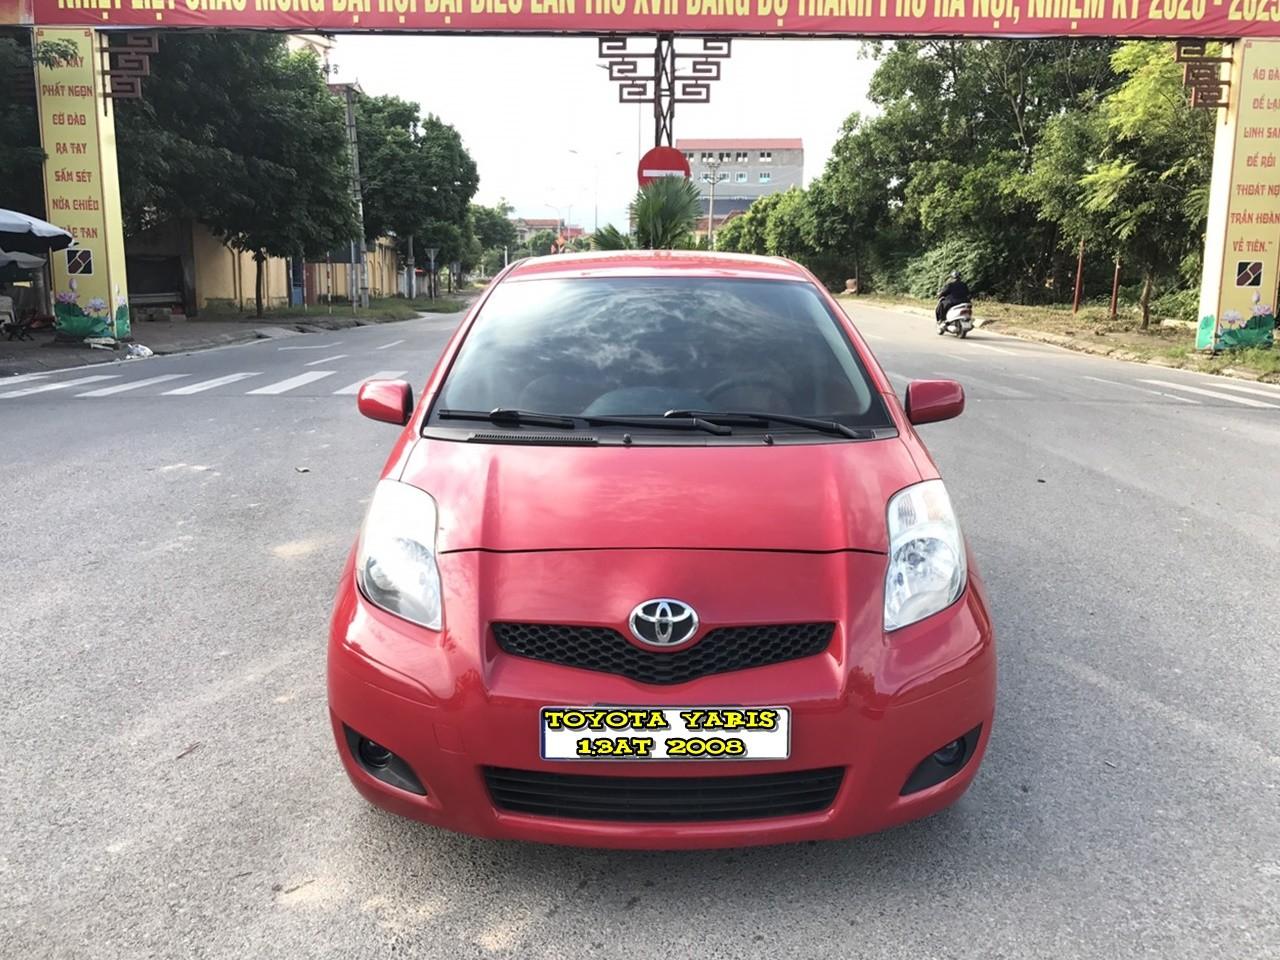 Bán xe Toyota Yaris 1.3AT 2008, màu đỏ, nhập khẩu nguyên chiếc giá cạnh tranh